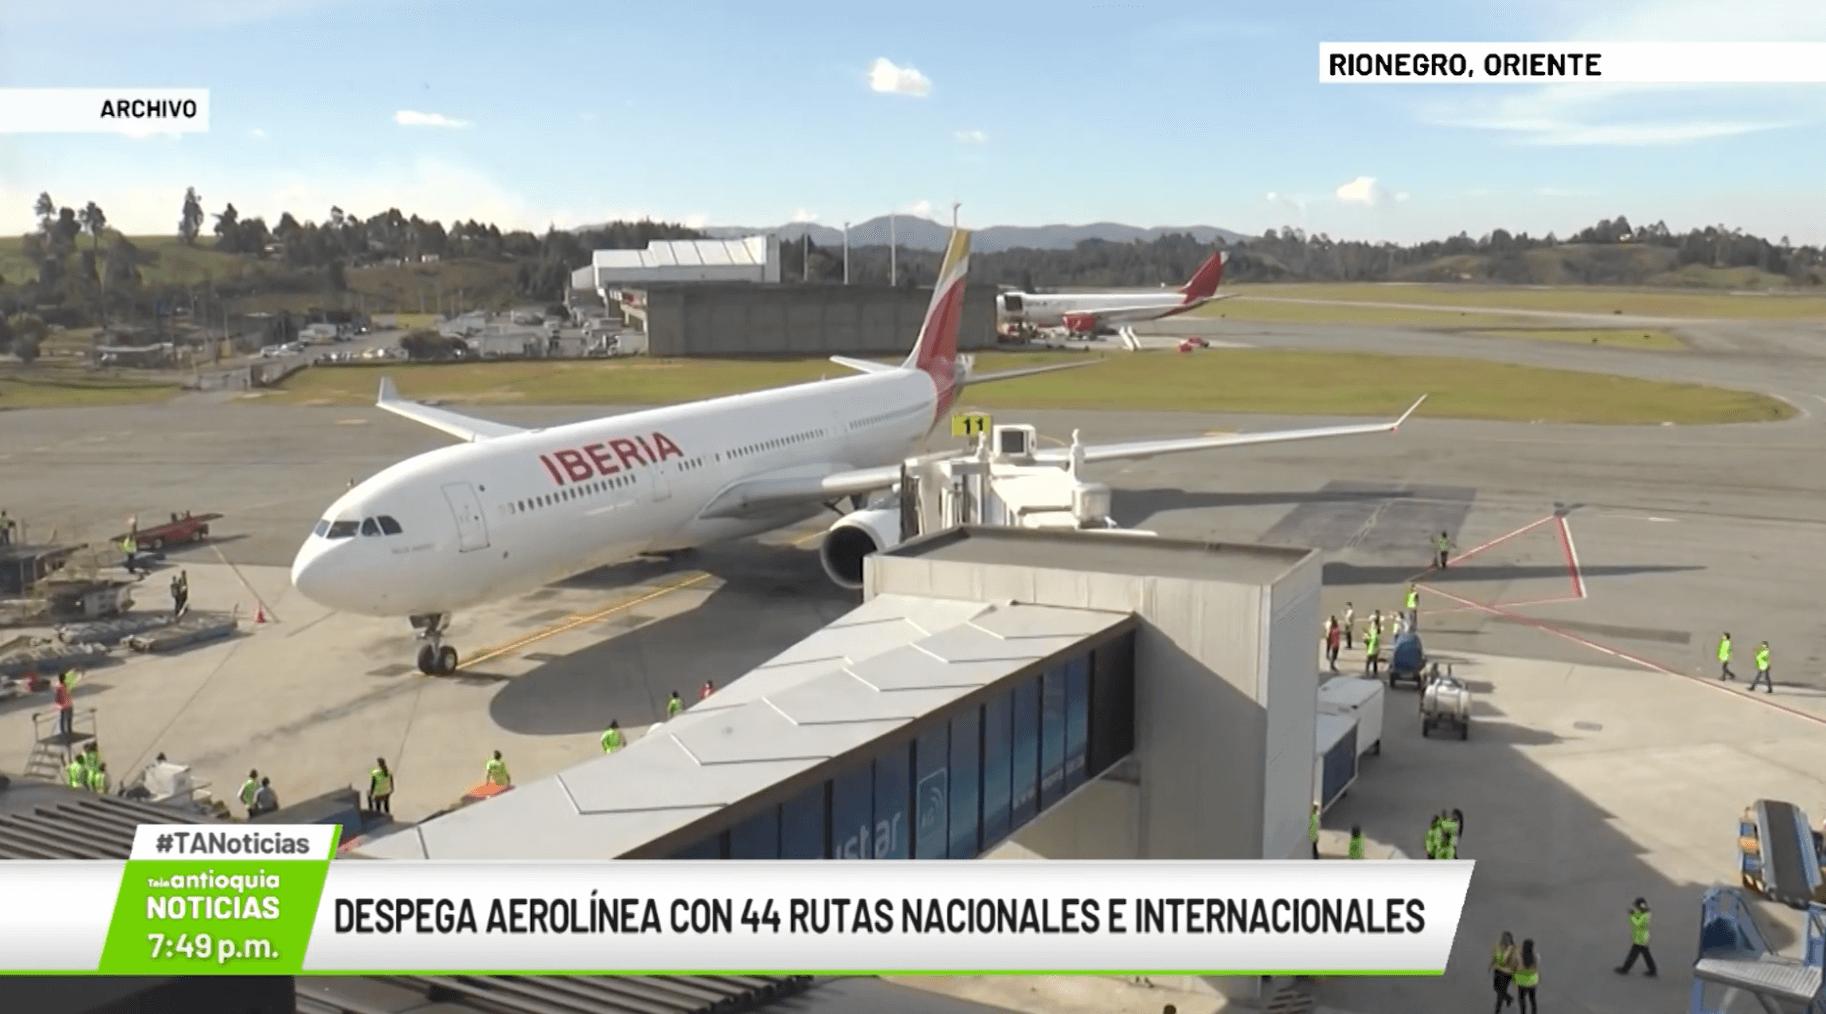 Despega aerolínea con 44 rutas nacionales e internacionales